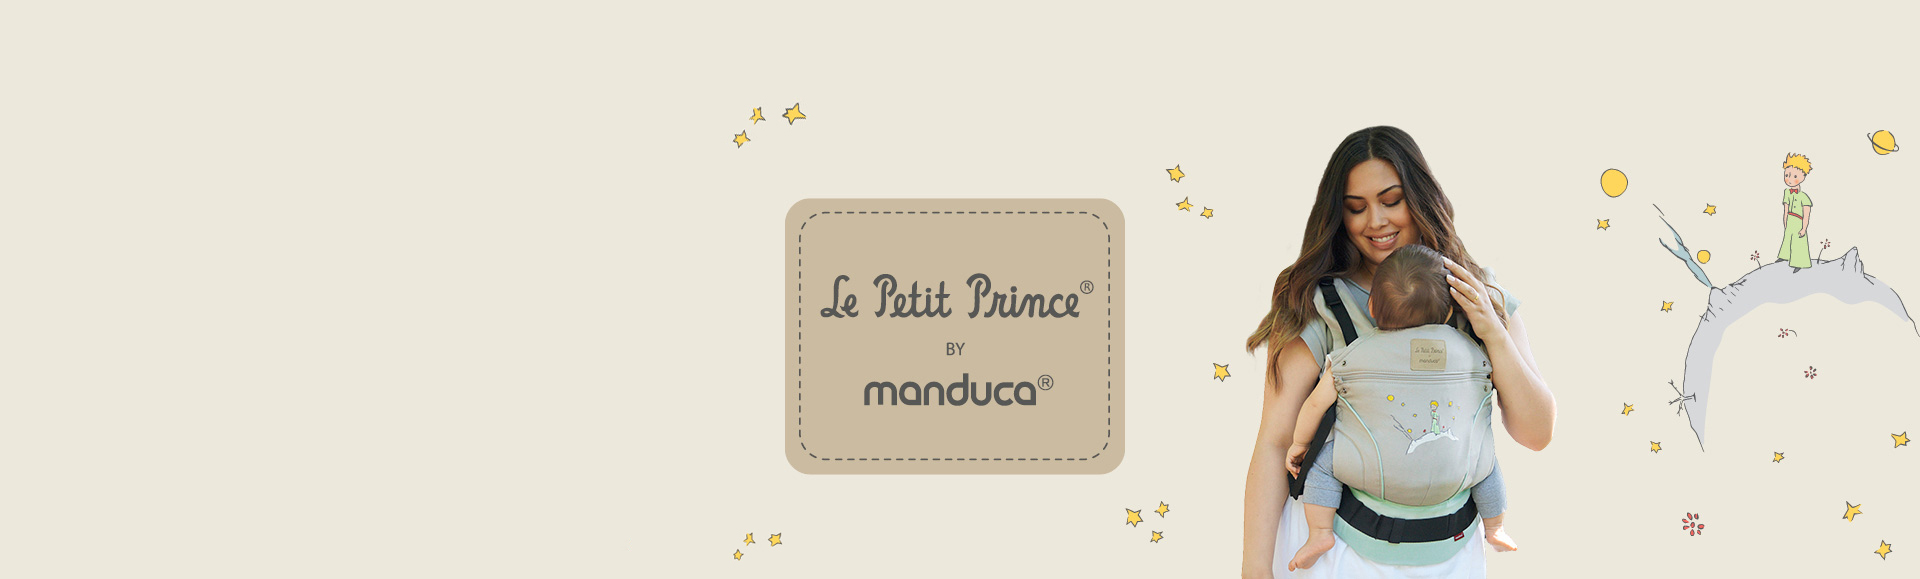 Le Petit Prince® by manduca®